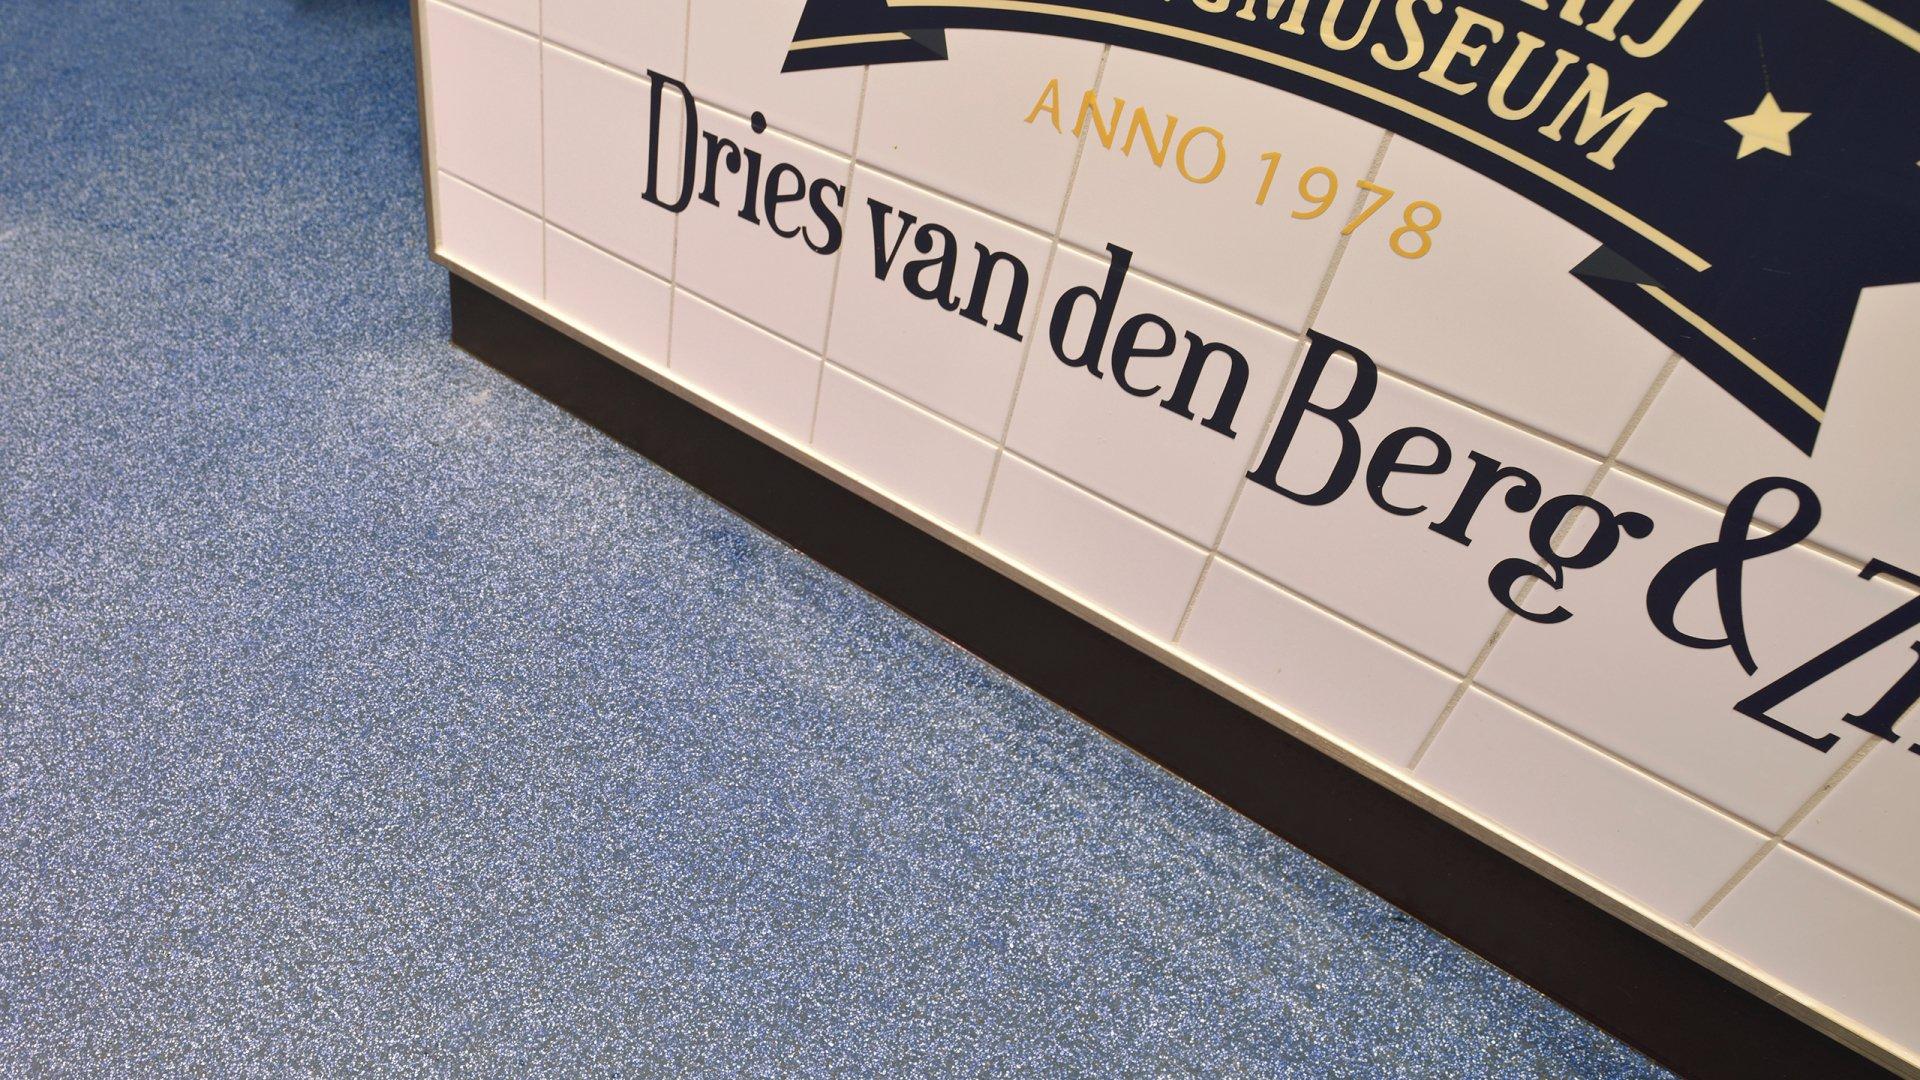 Palingrokerij Dries van den Berg Harderwijk Bolidtop 700